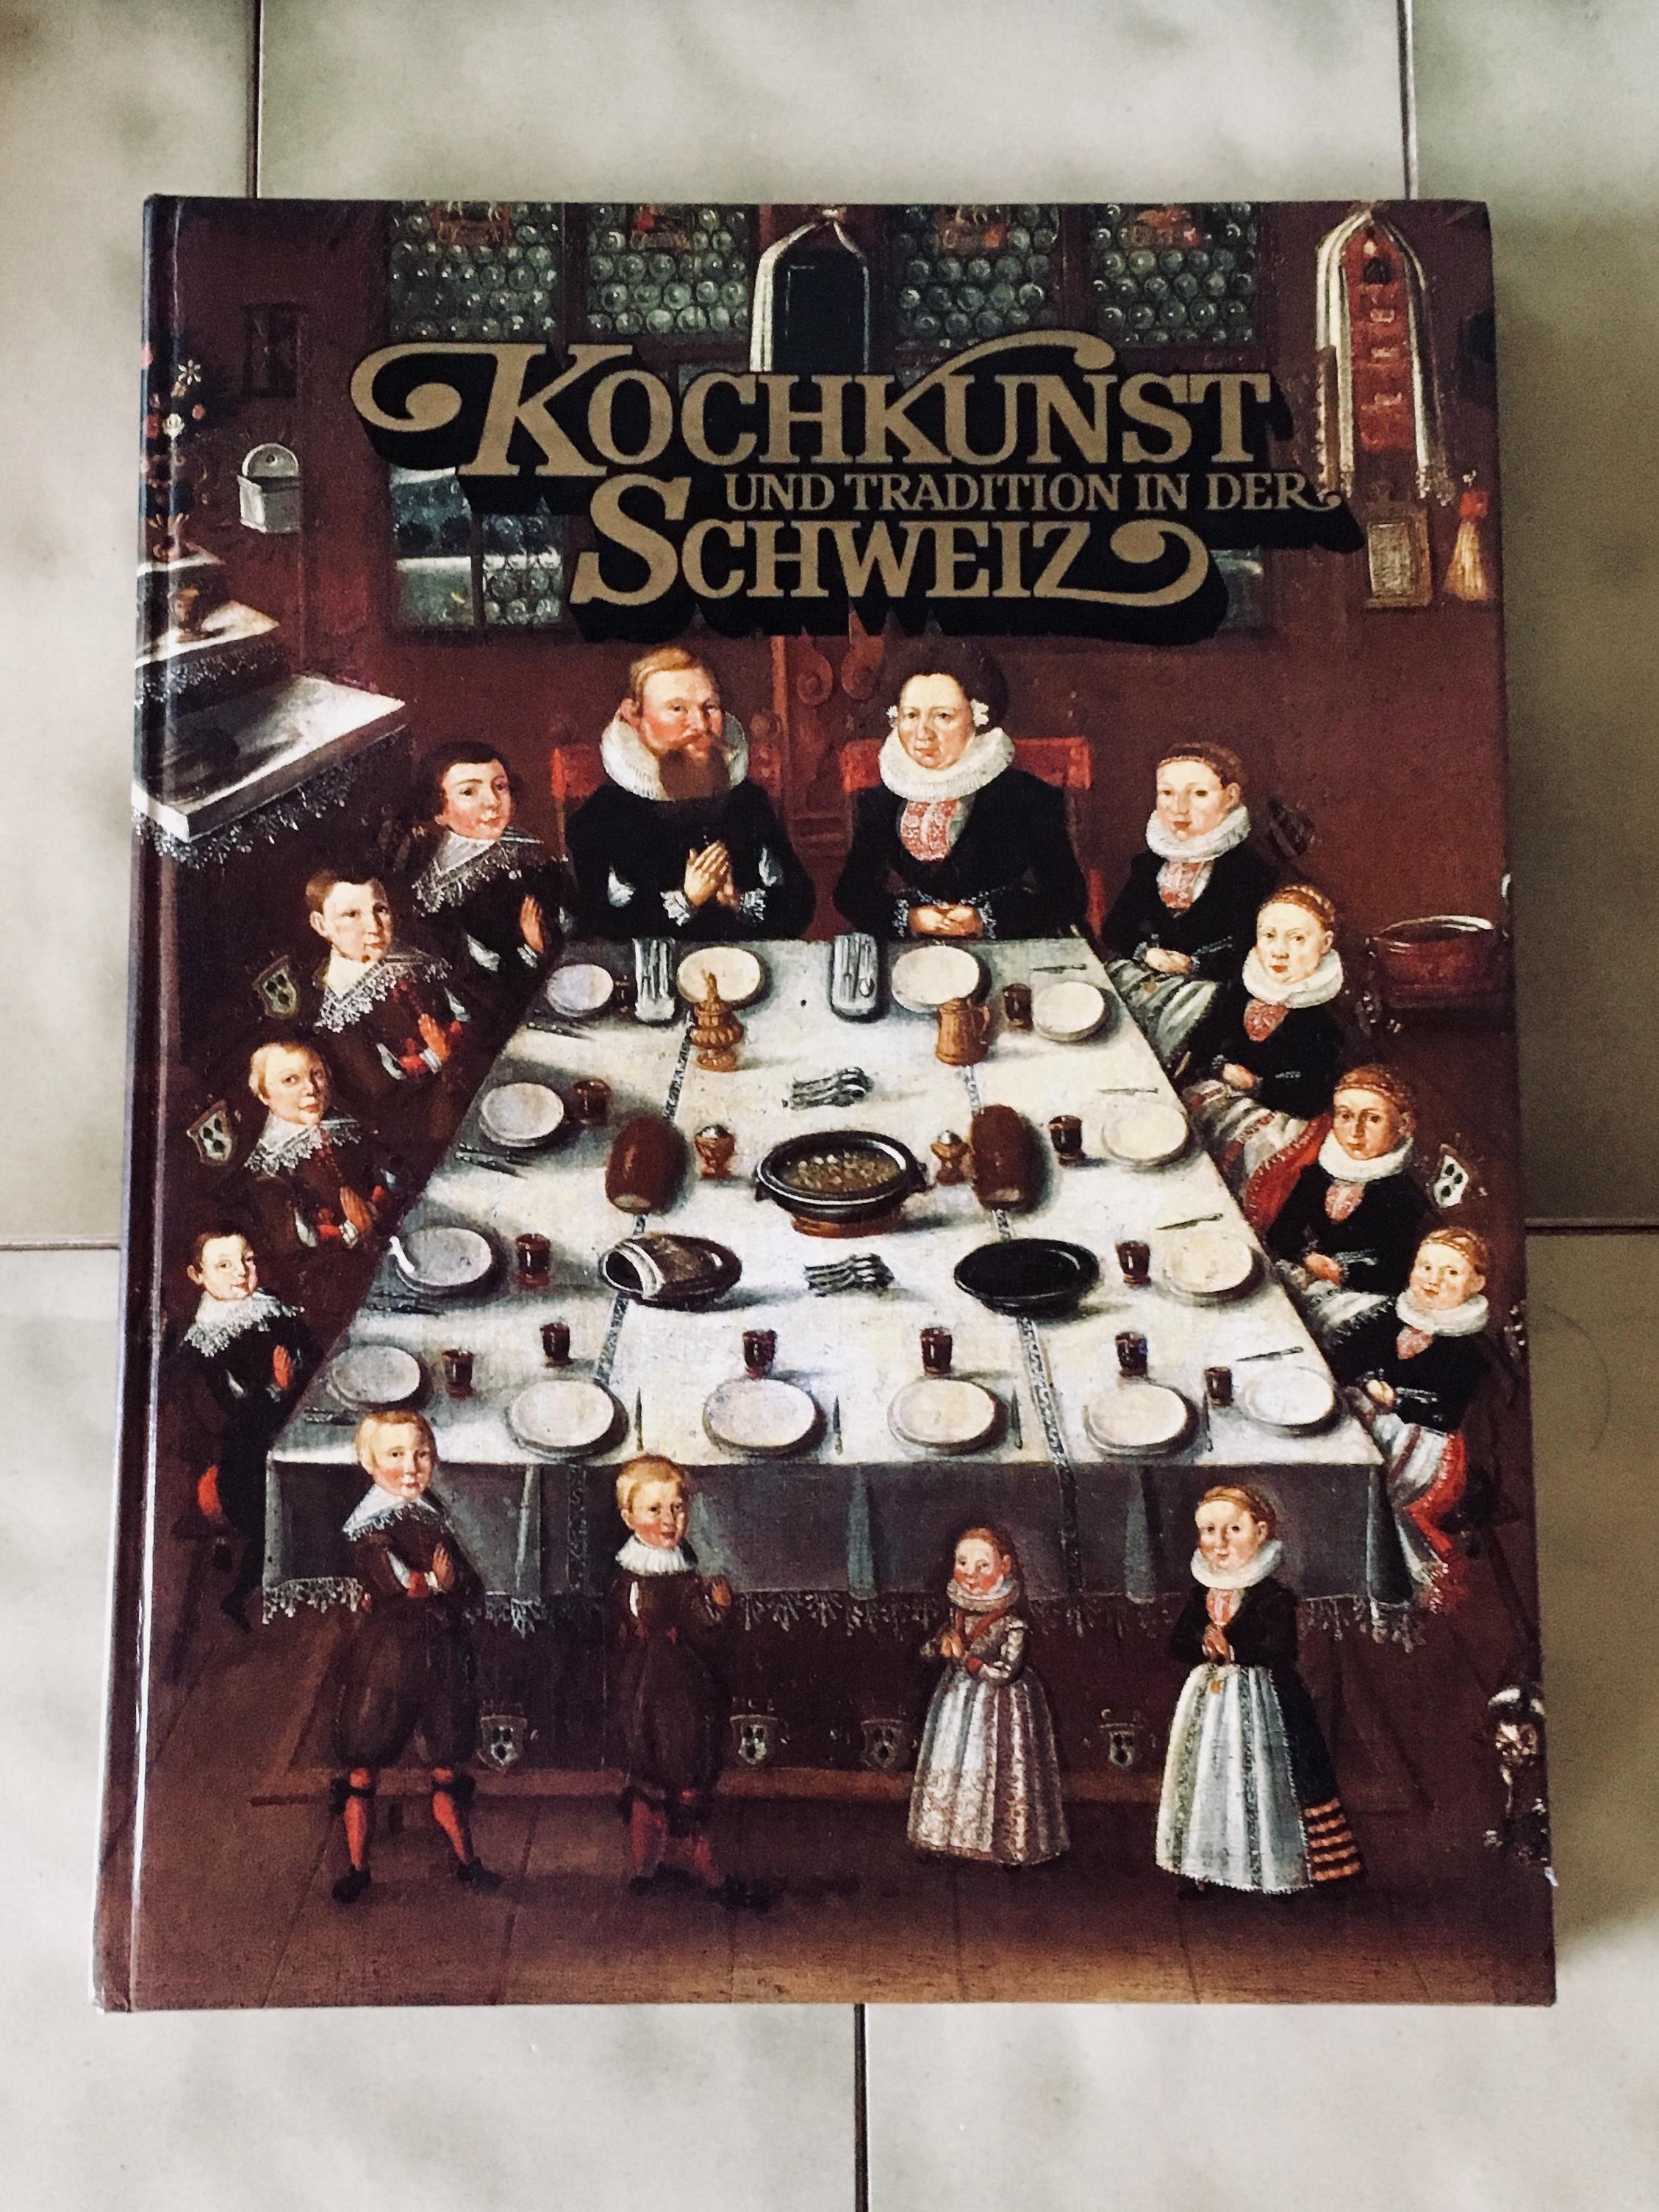 Kochkunst und Traditionen in der Schweiz